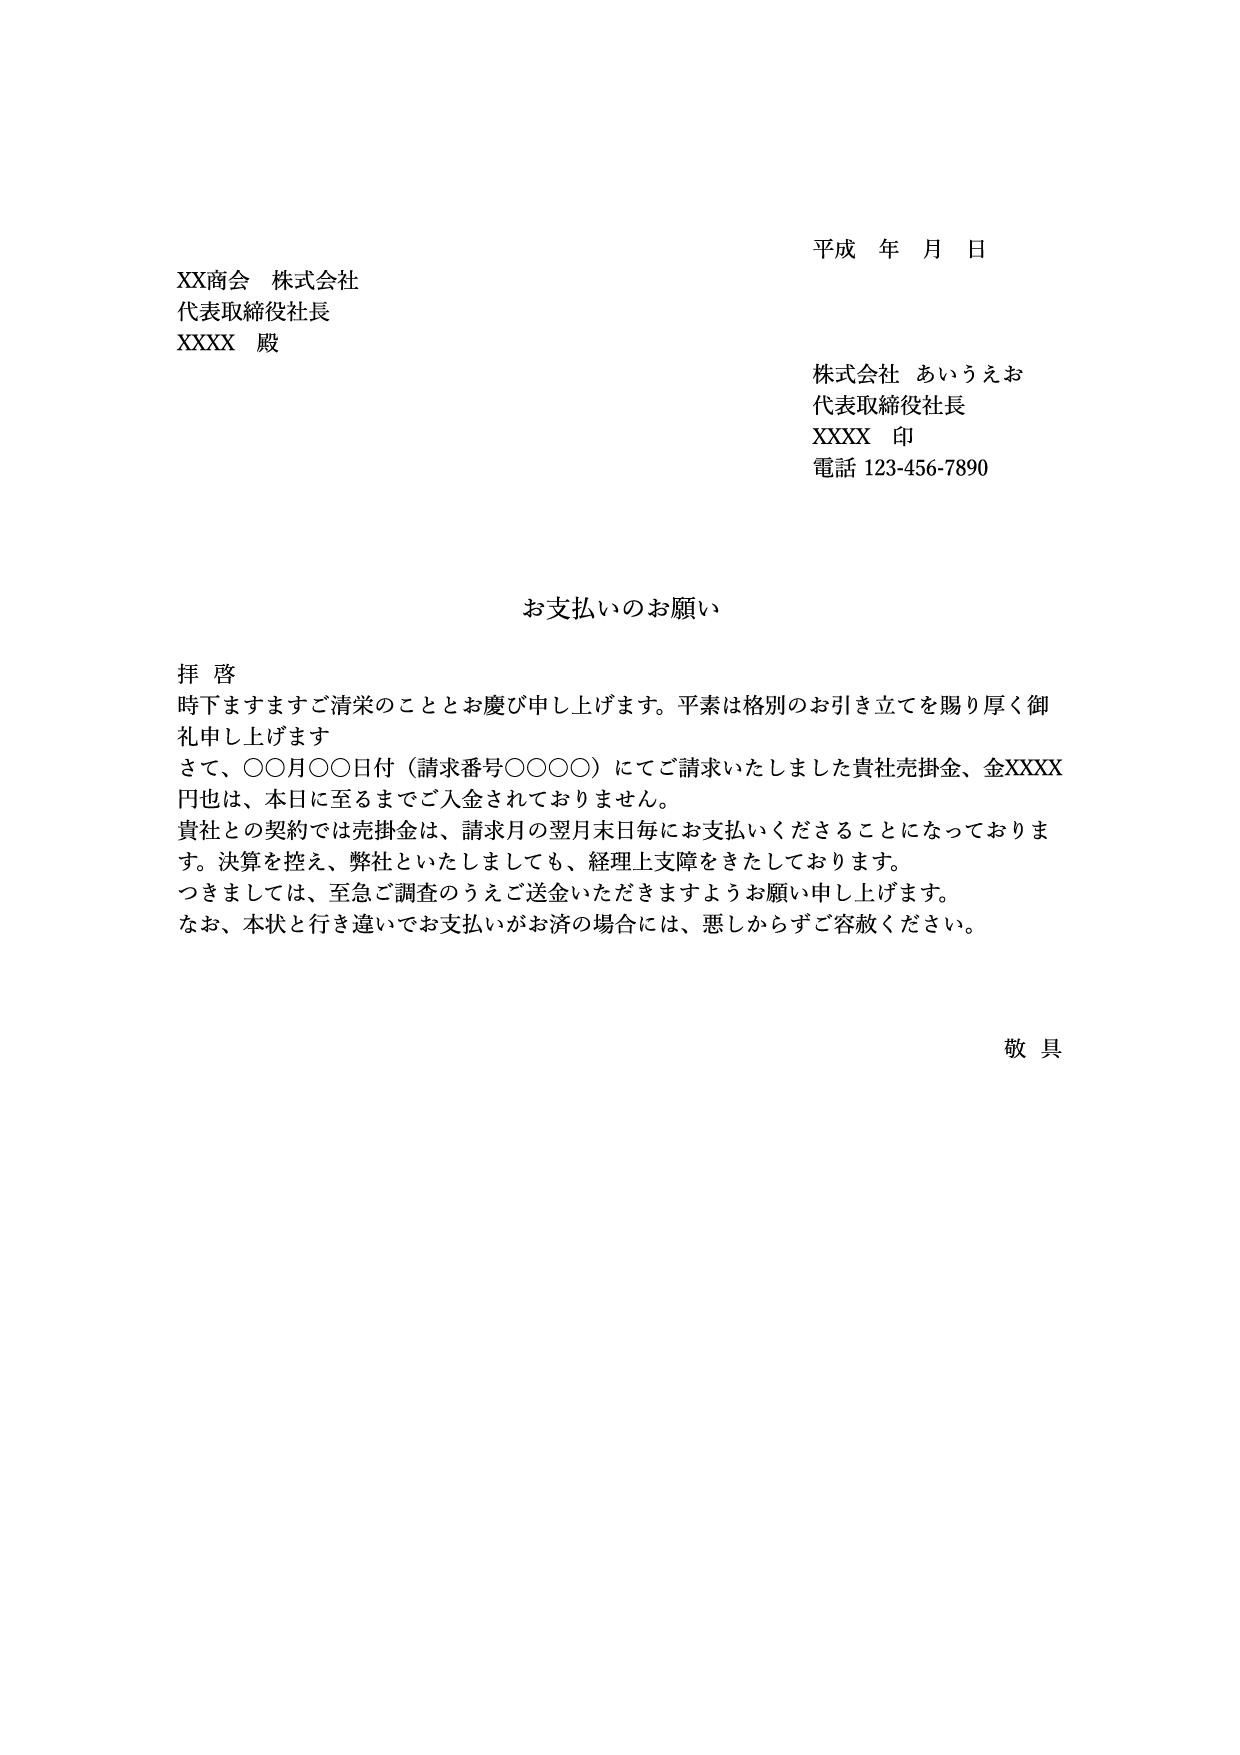 督促状テンプレート_支払い催促(ワード・ページズ)